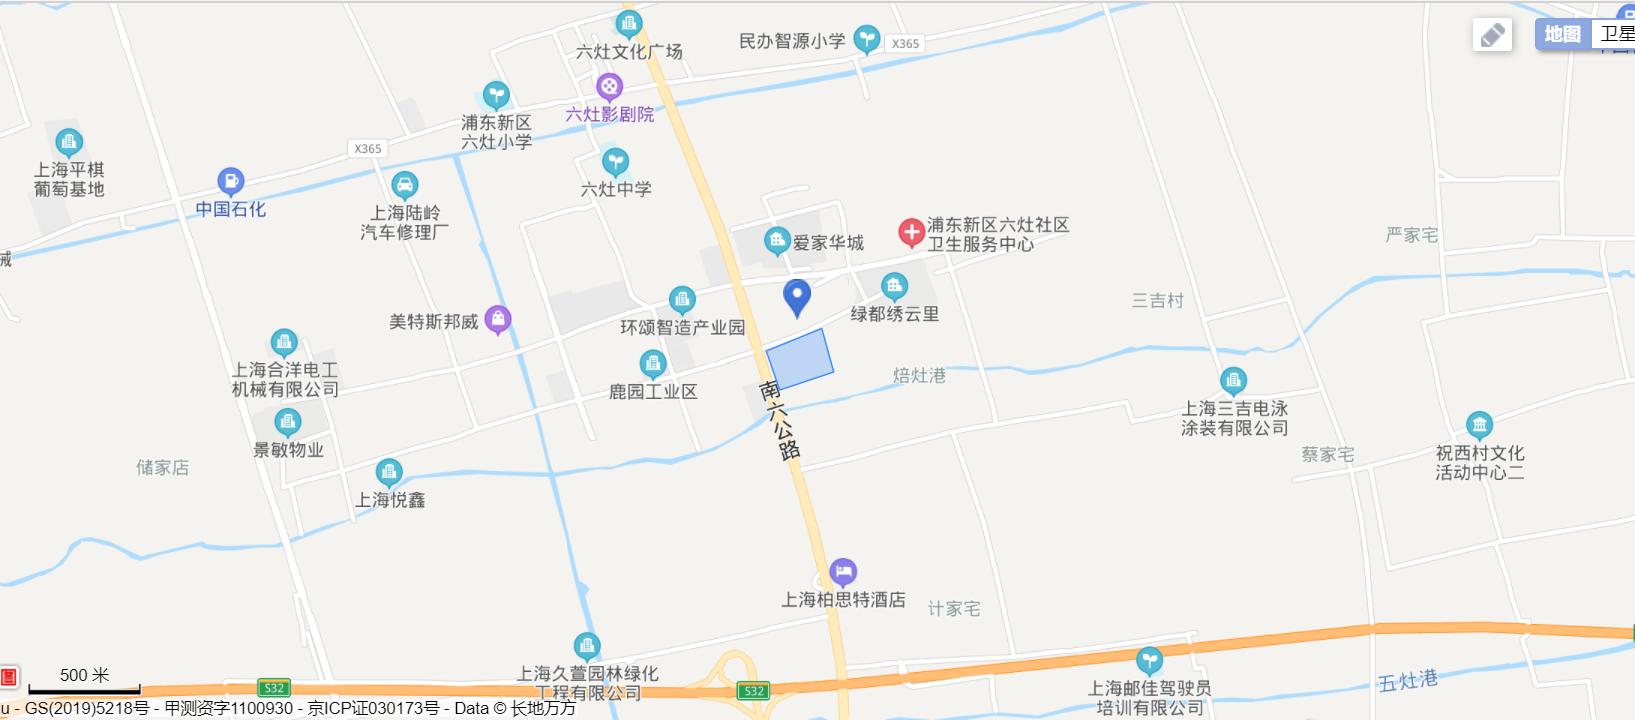 保利发展22亿元竞得上海浦东川沙宅地,距离迪士尼6公里